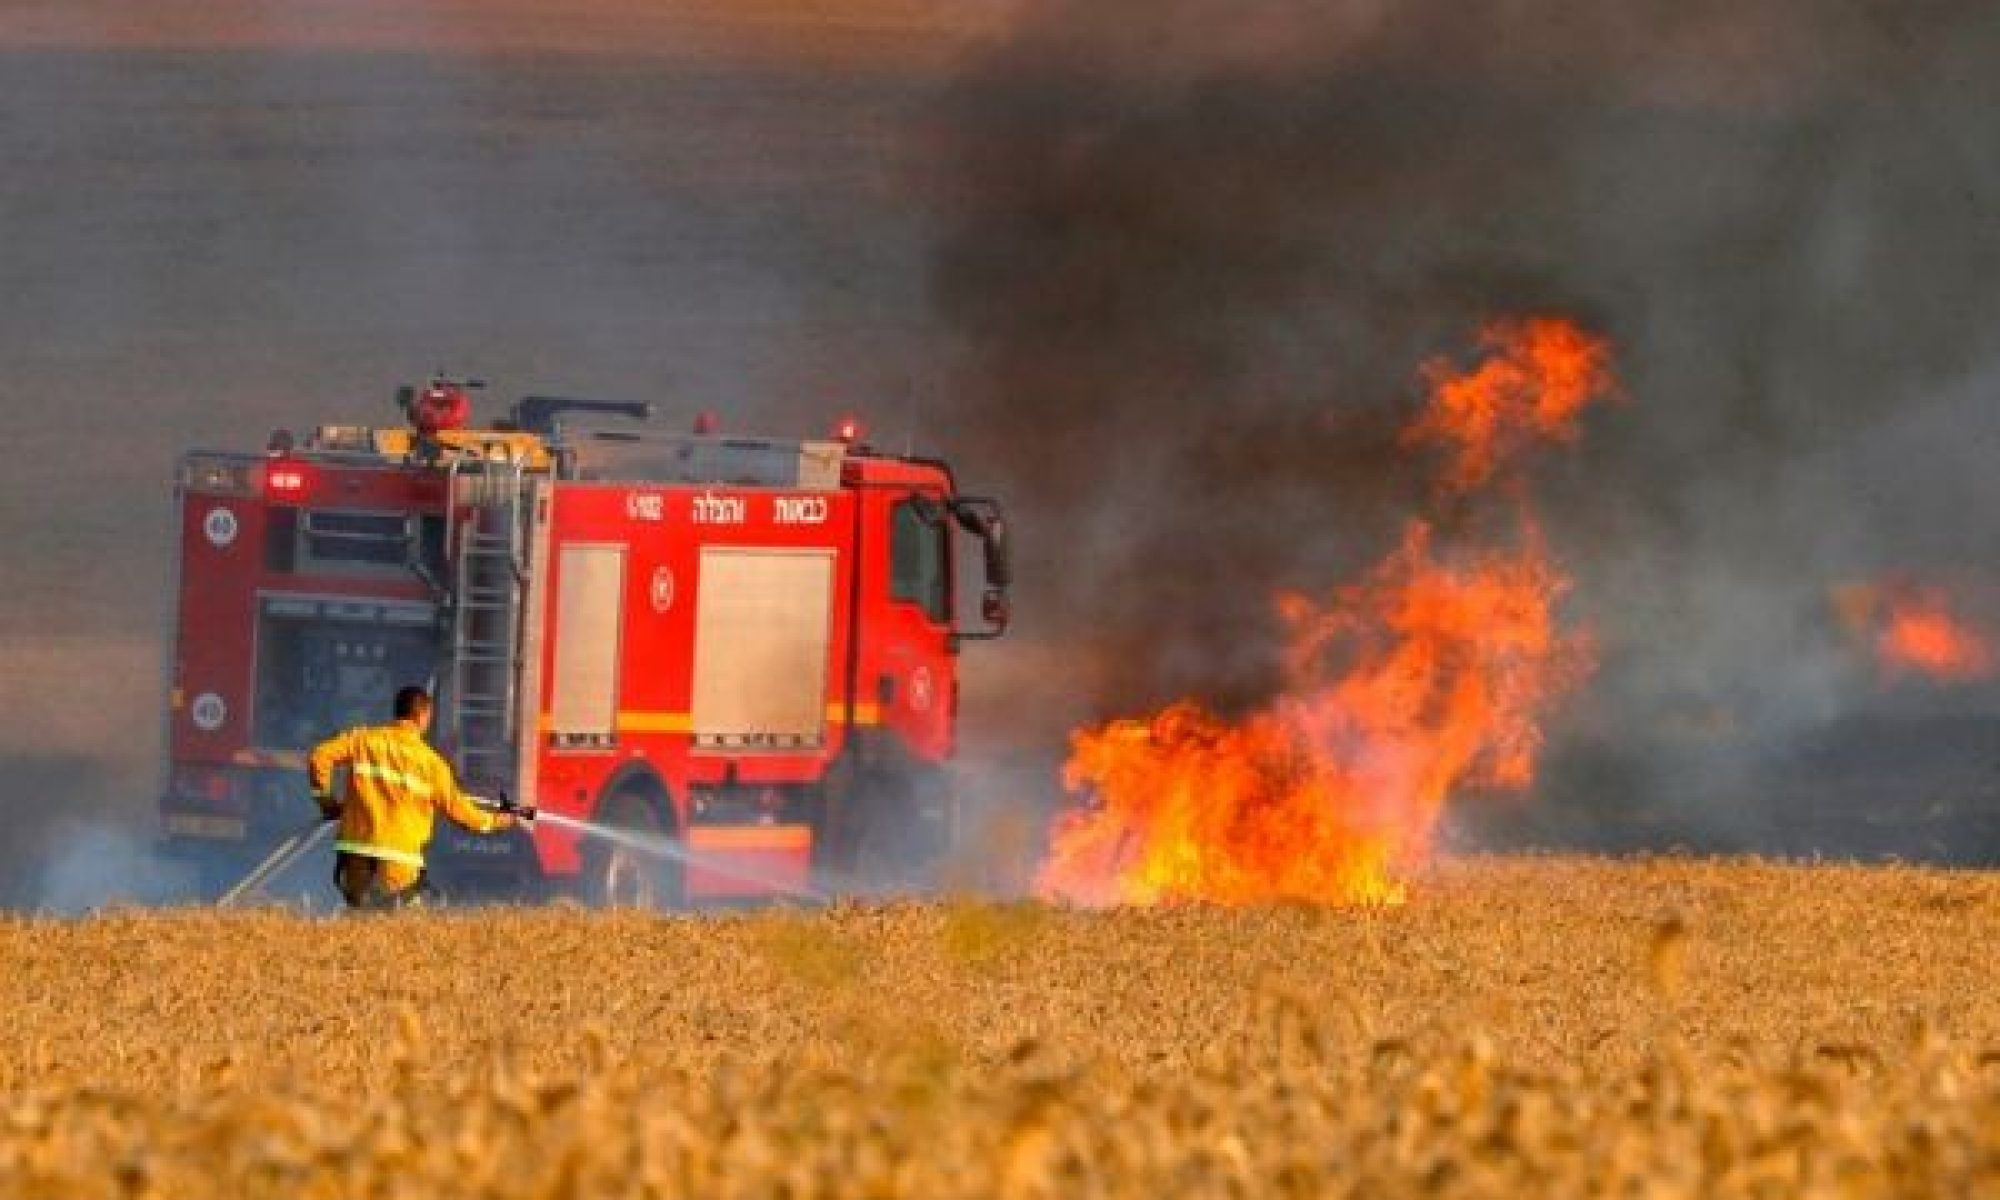 Bayramın ikinci günü yine Kürt çiftçilerin ekinlerini yaktılar